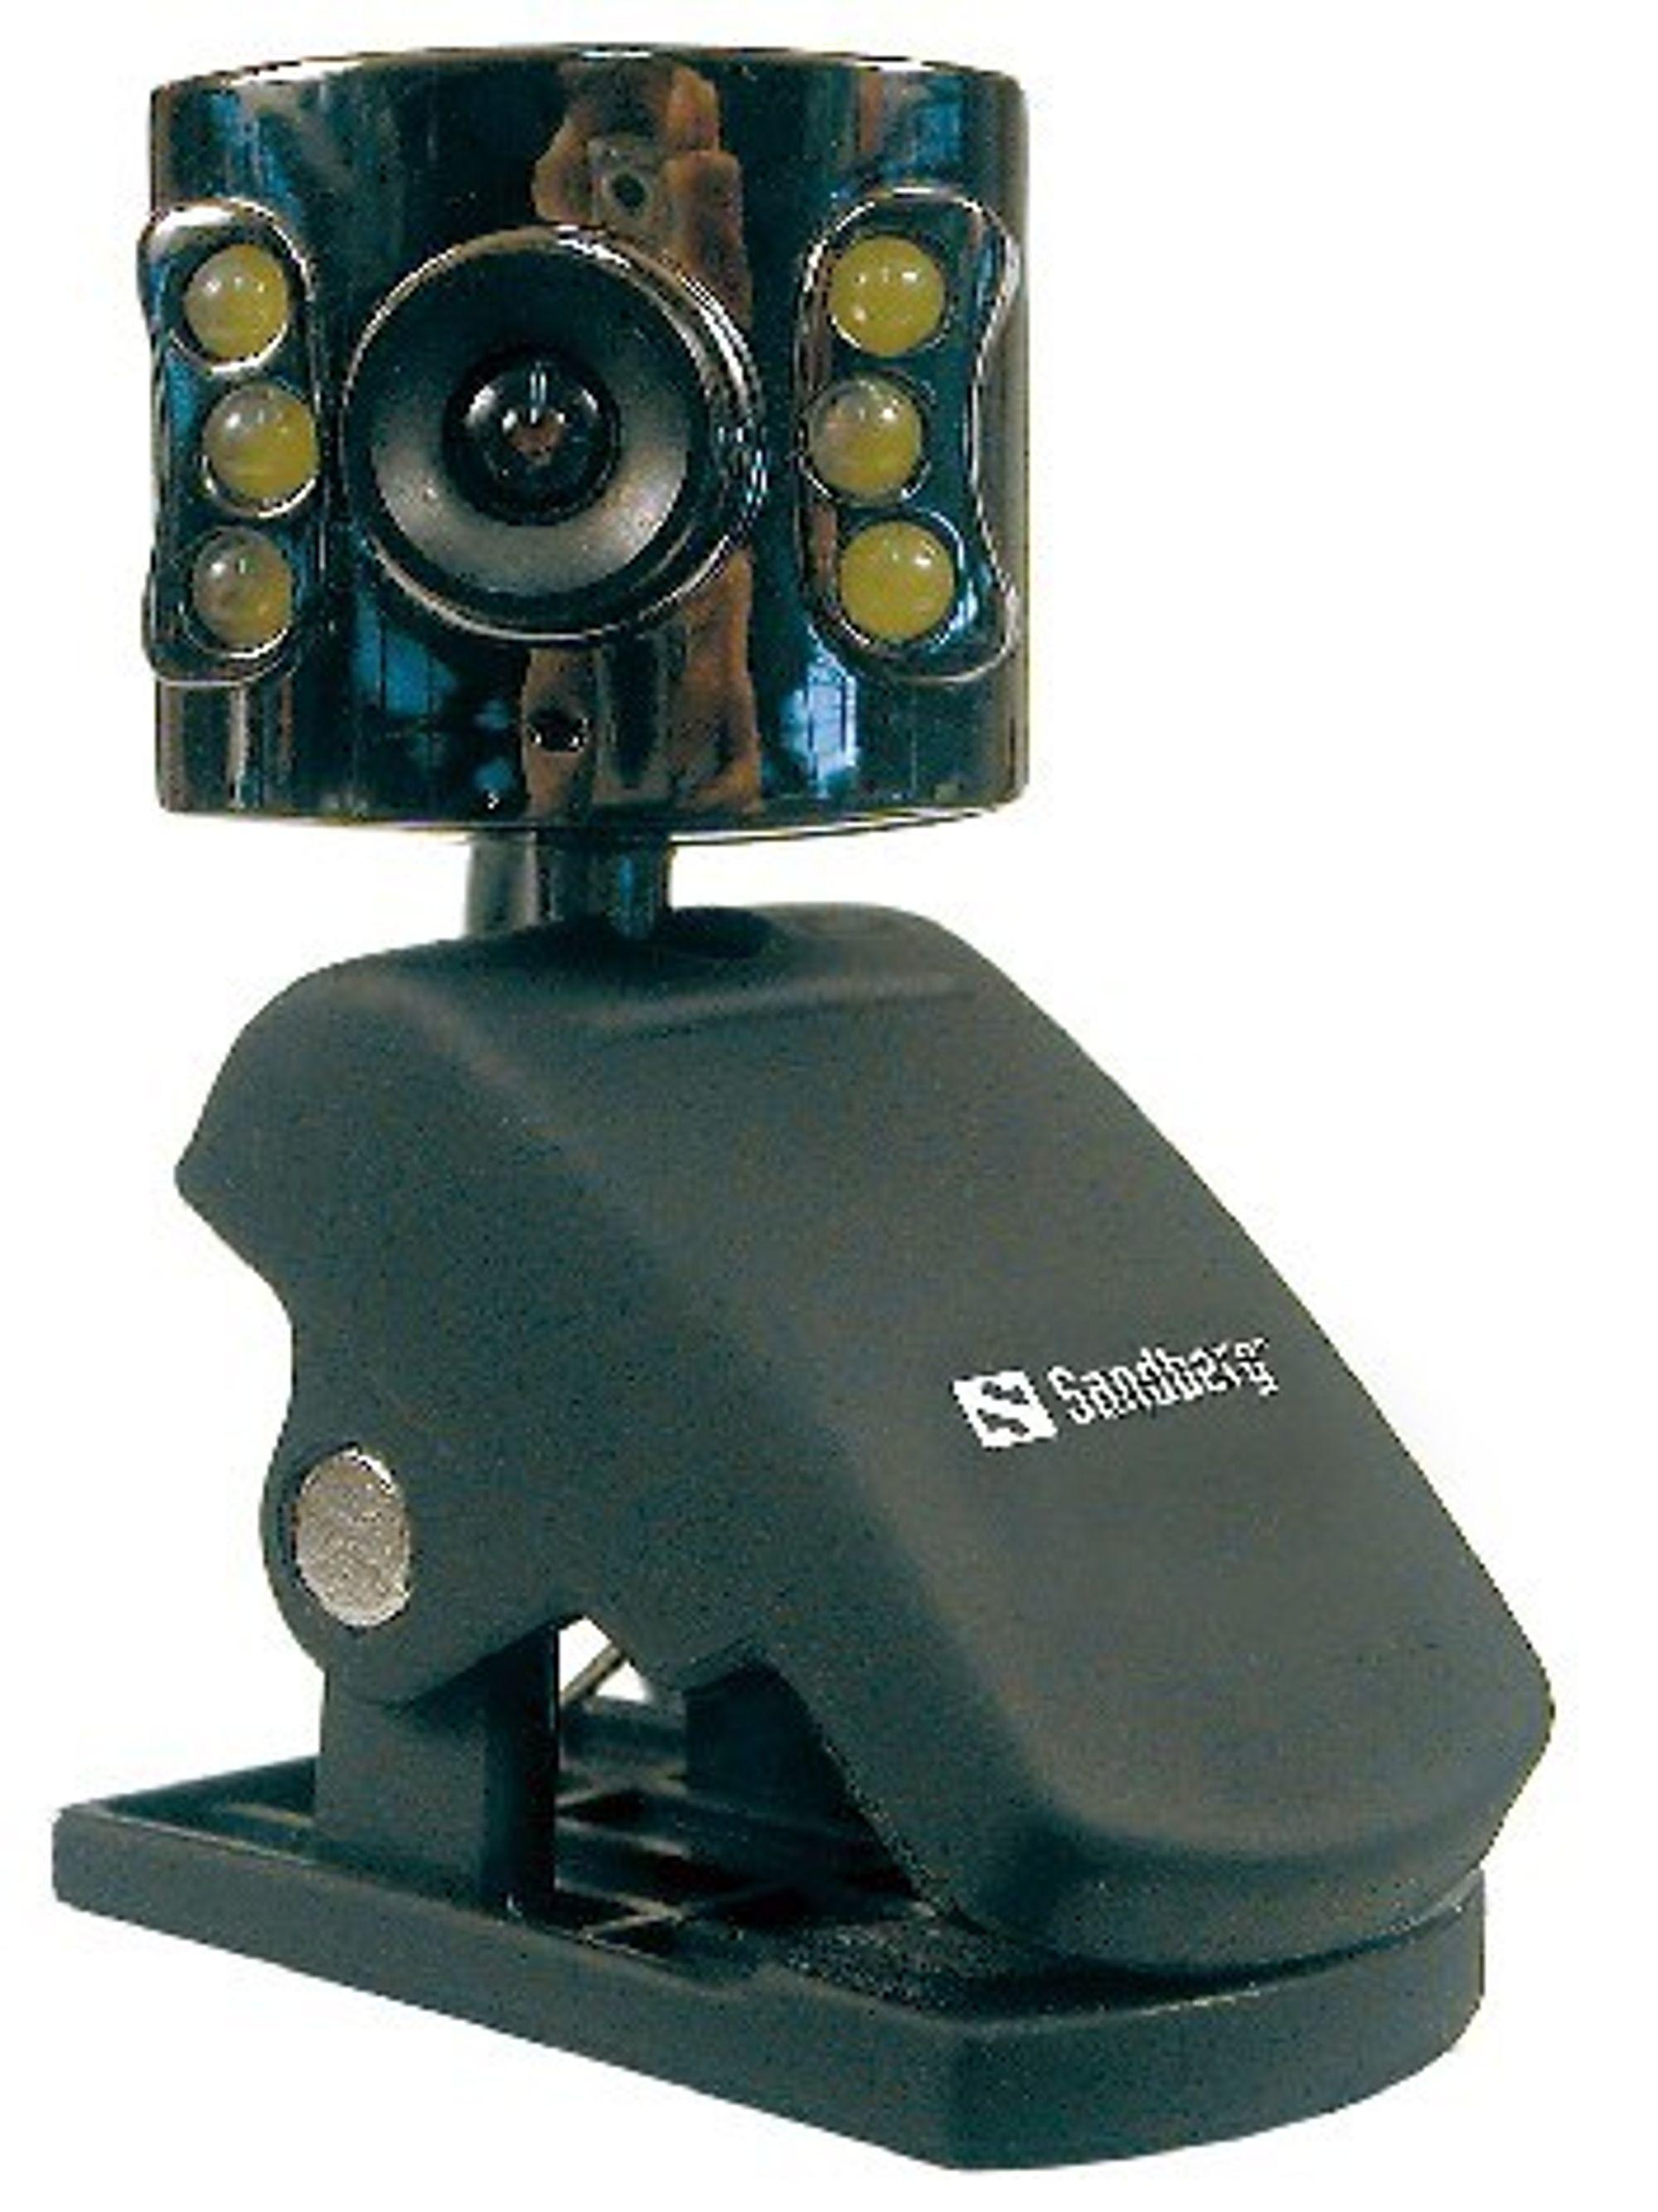 FOR NATTUGLER: Med dette webkameraet, Sandberg NightCam, kan du kommunisere i mørke.